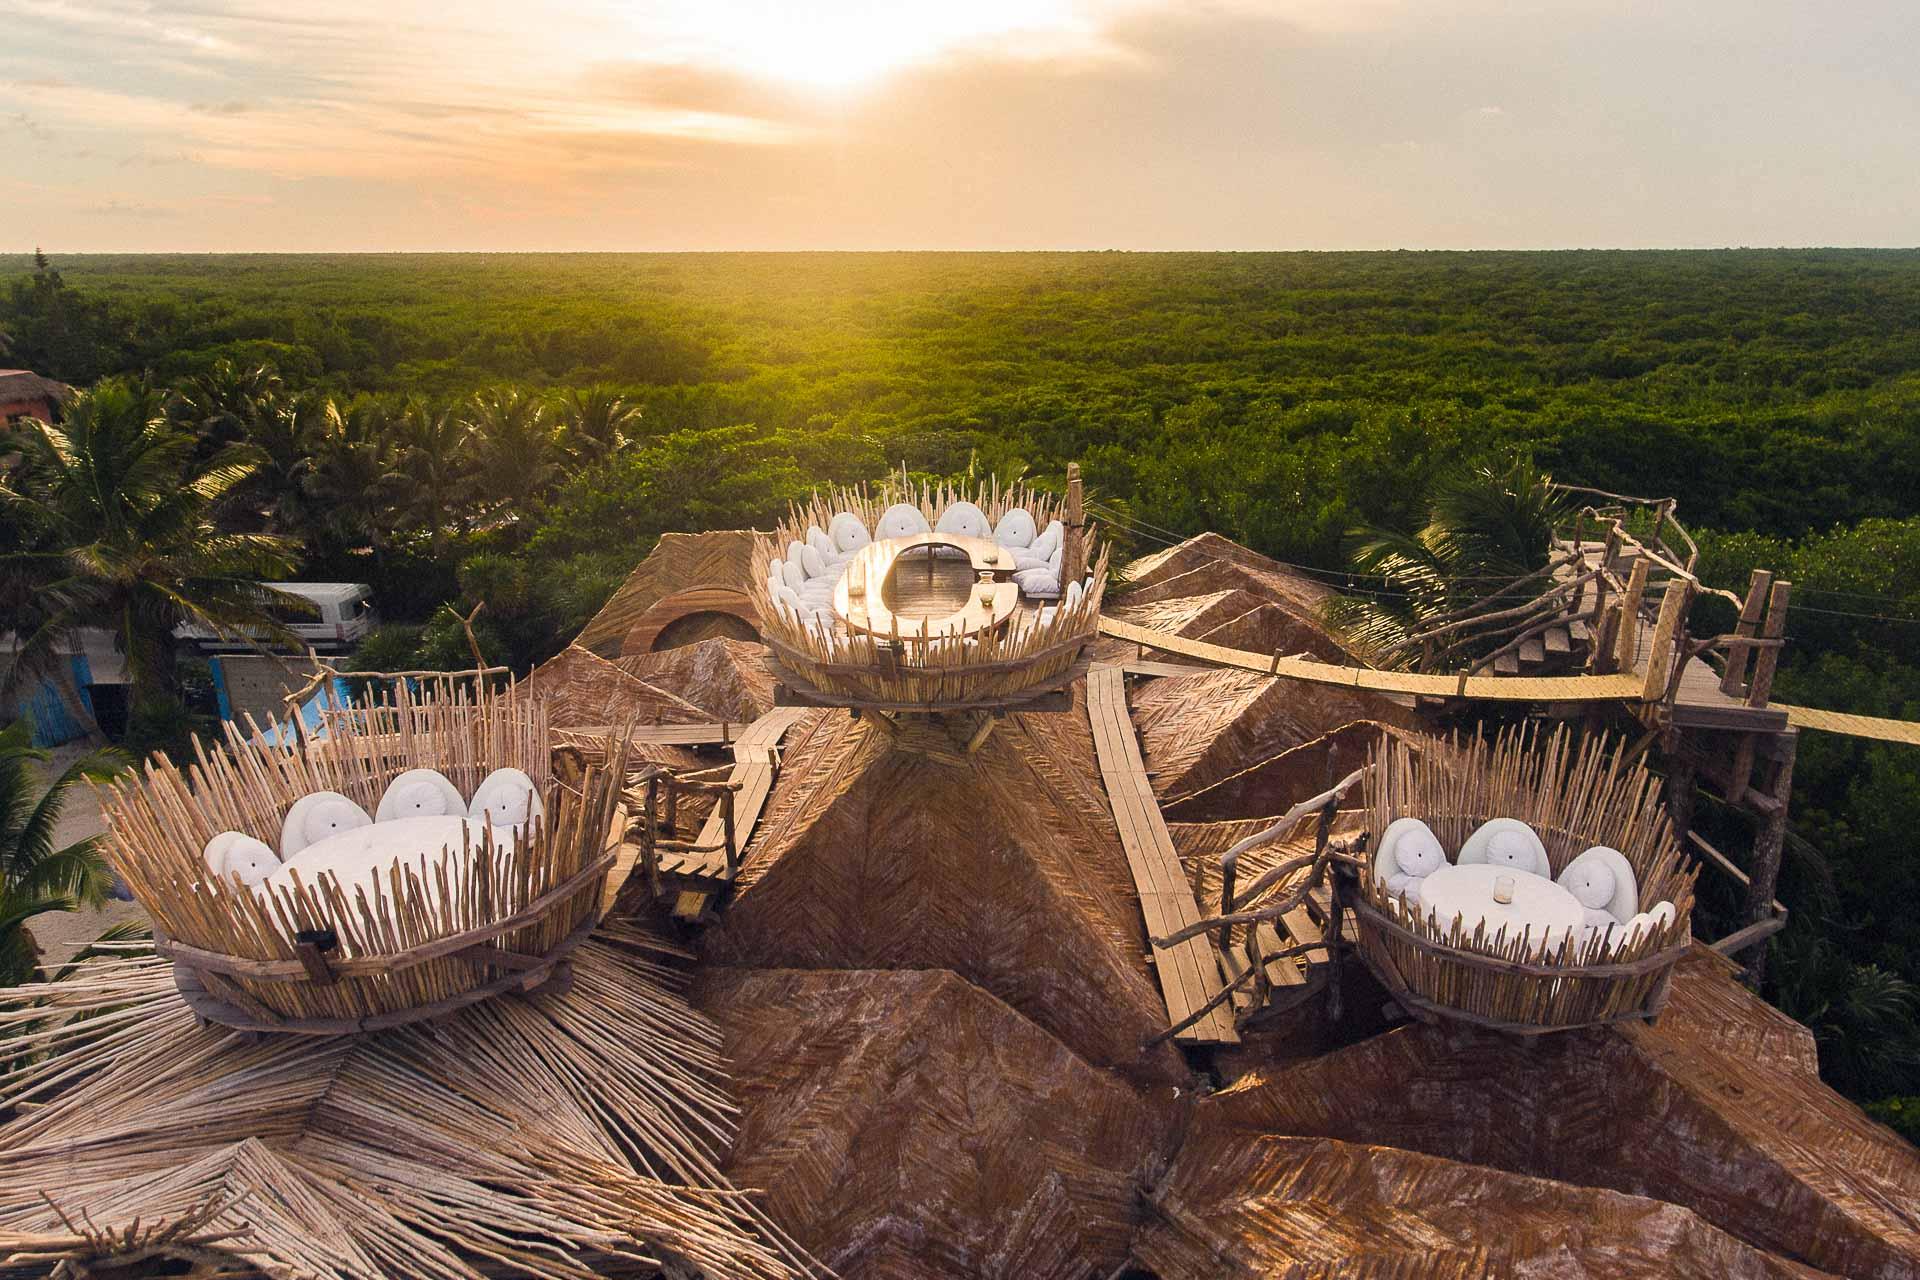 Situé à Tulum sur Riviera Maya (Yucatán, Mexique), l'hôtel Azulik propose une parenthèse hors du temps dans ses 48 villas nichées au cœur de la végétation luxuriante, entre mer des Caraïbes et jungle. Une